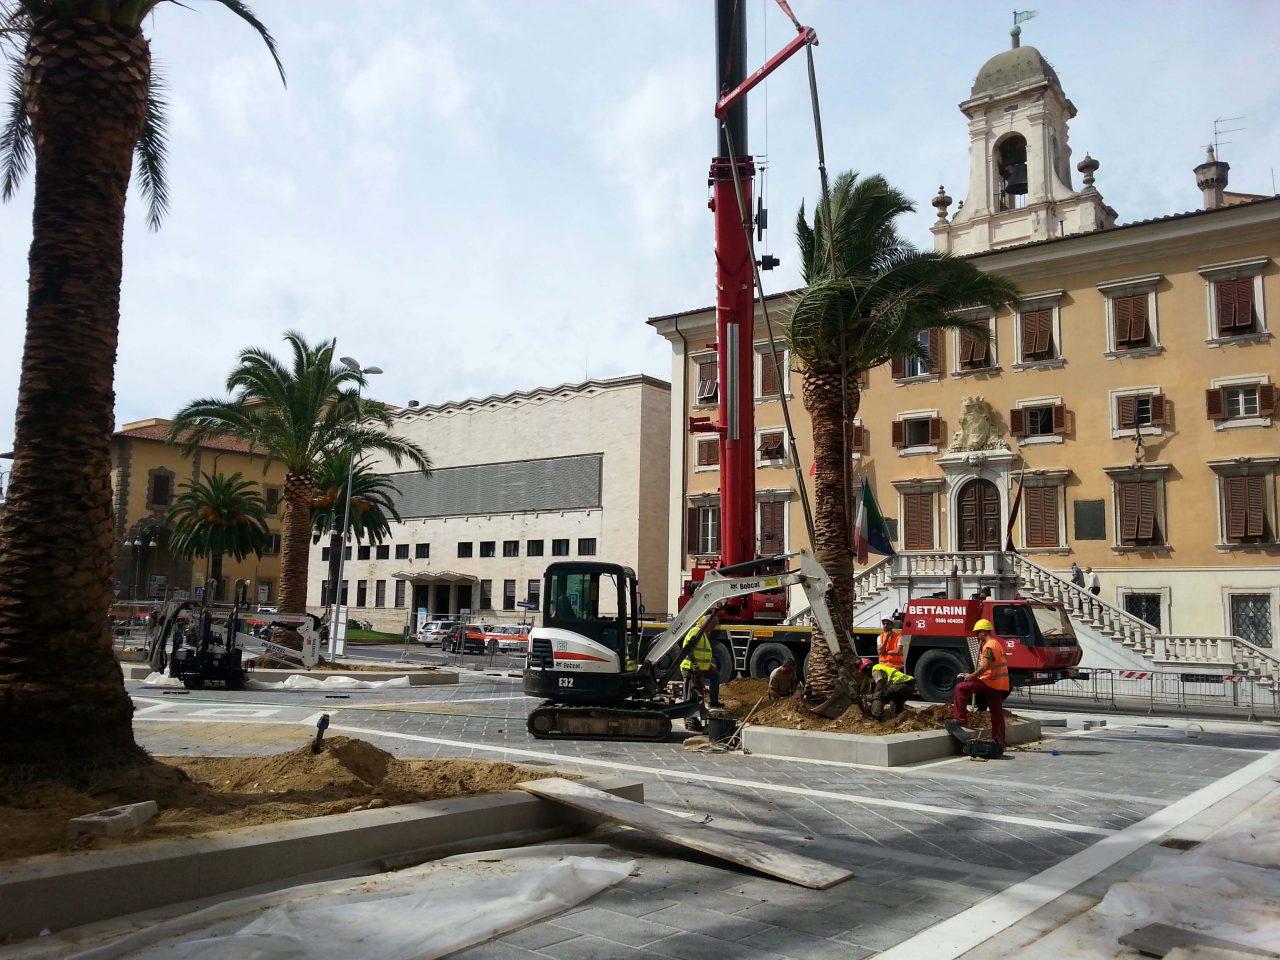 Arrivano le nuove palme in piazza del Municipio ...